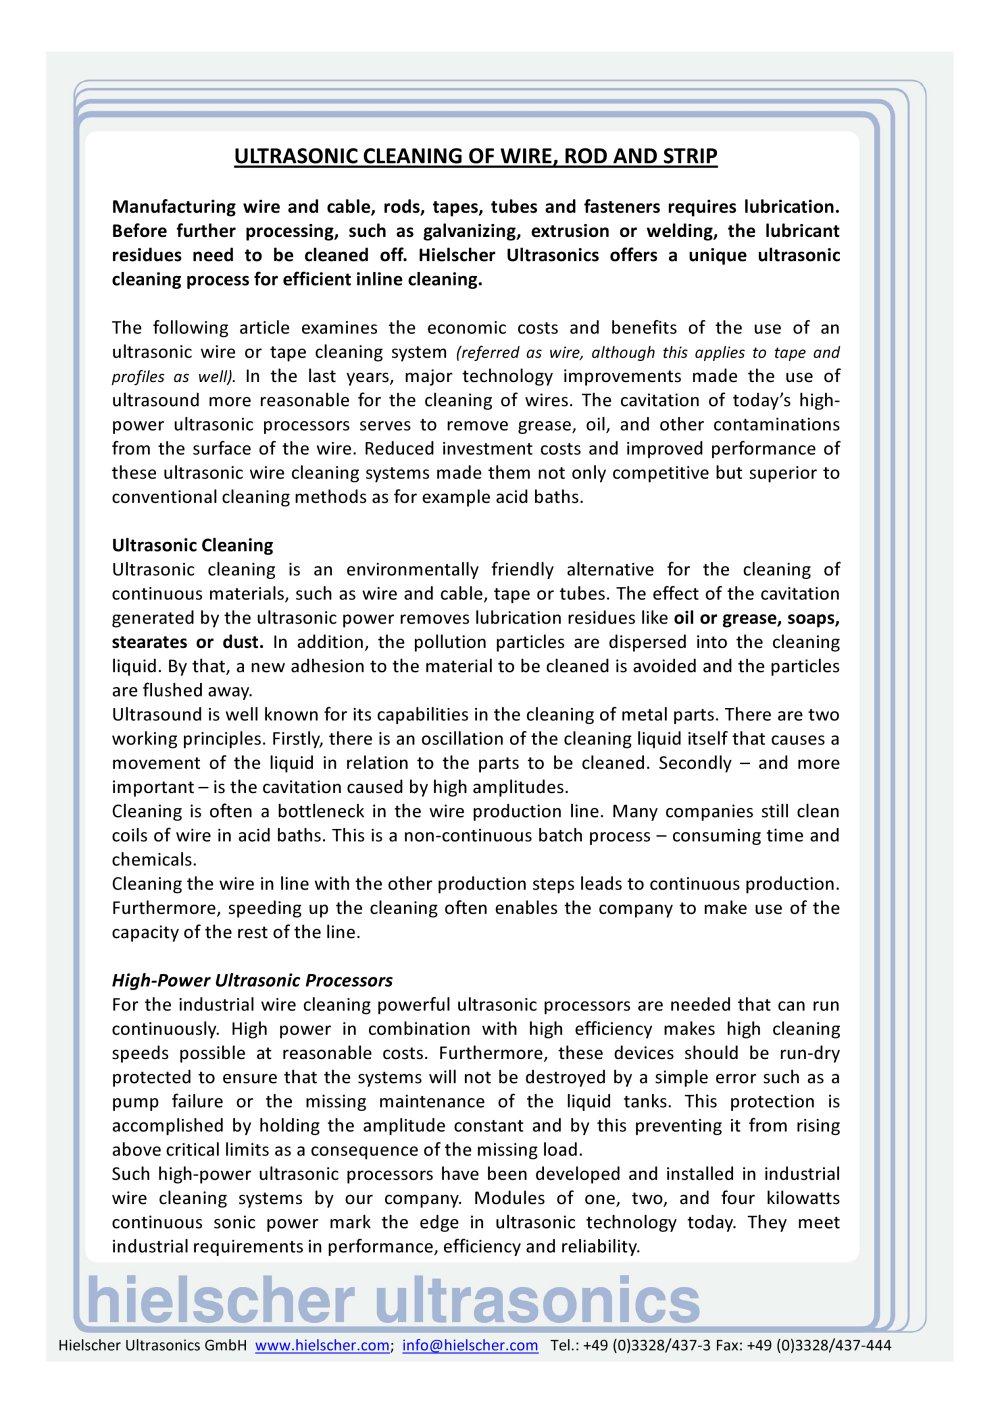 Ultrasonic Wire Cleaning - Hielscher Ultrasonics - Hielscher - PDF ...